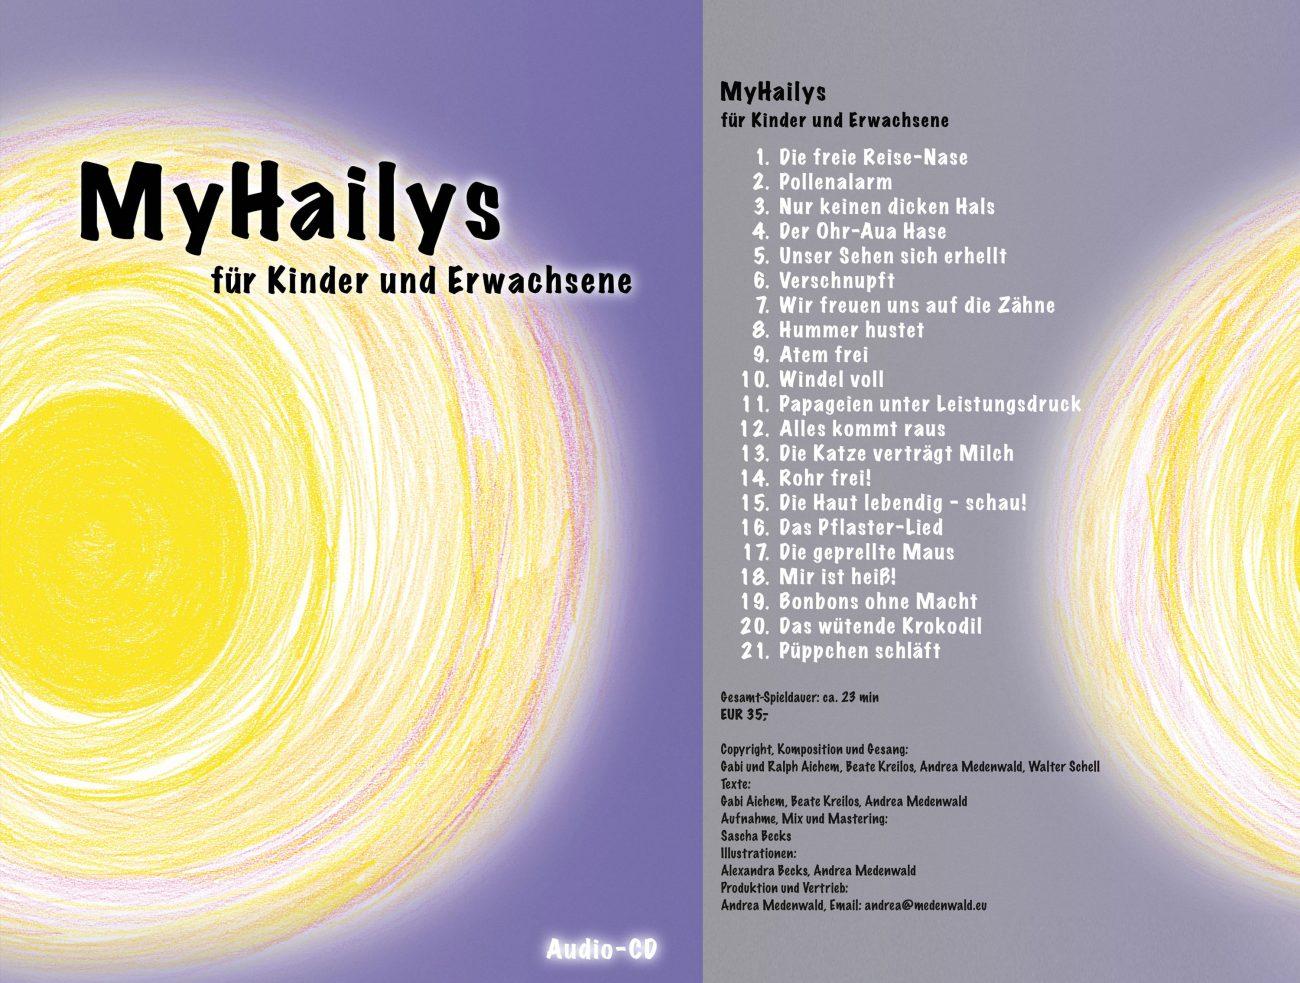 MyHailys für Kinder und Erwachsene